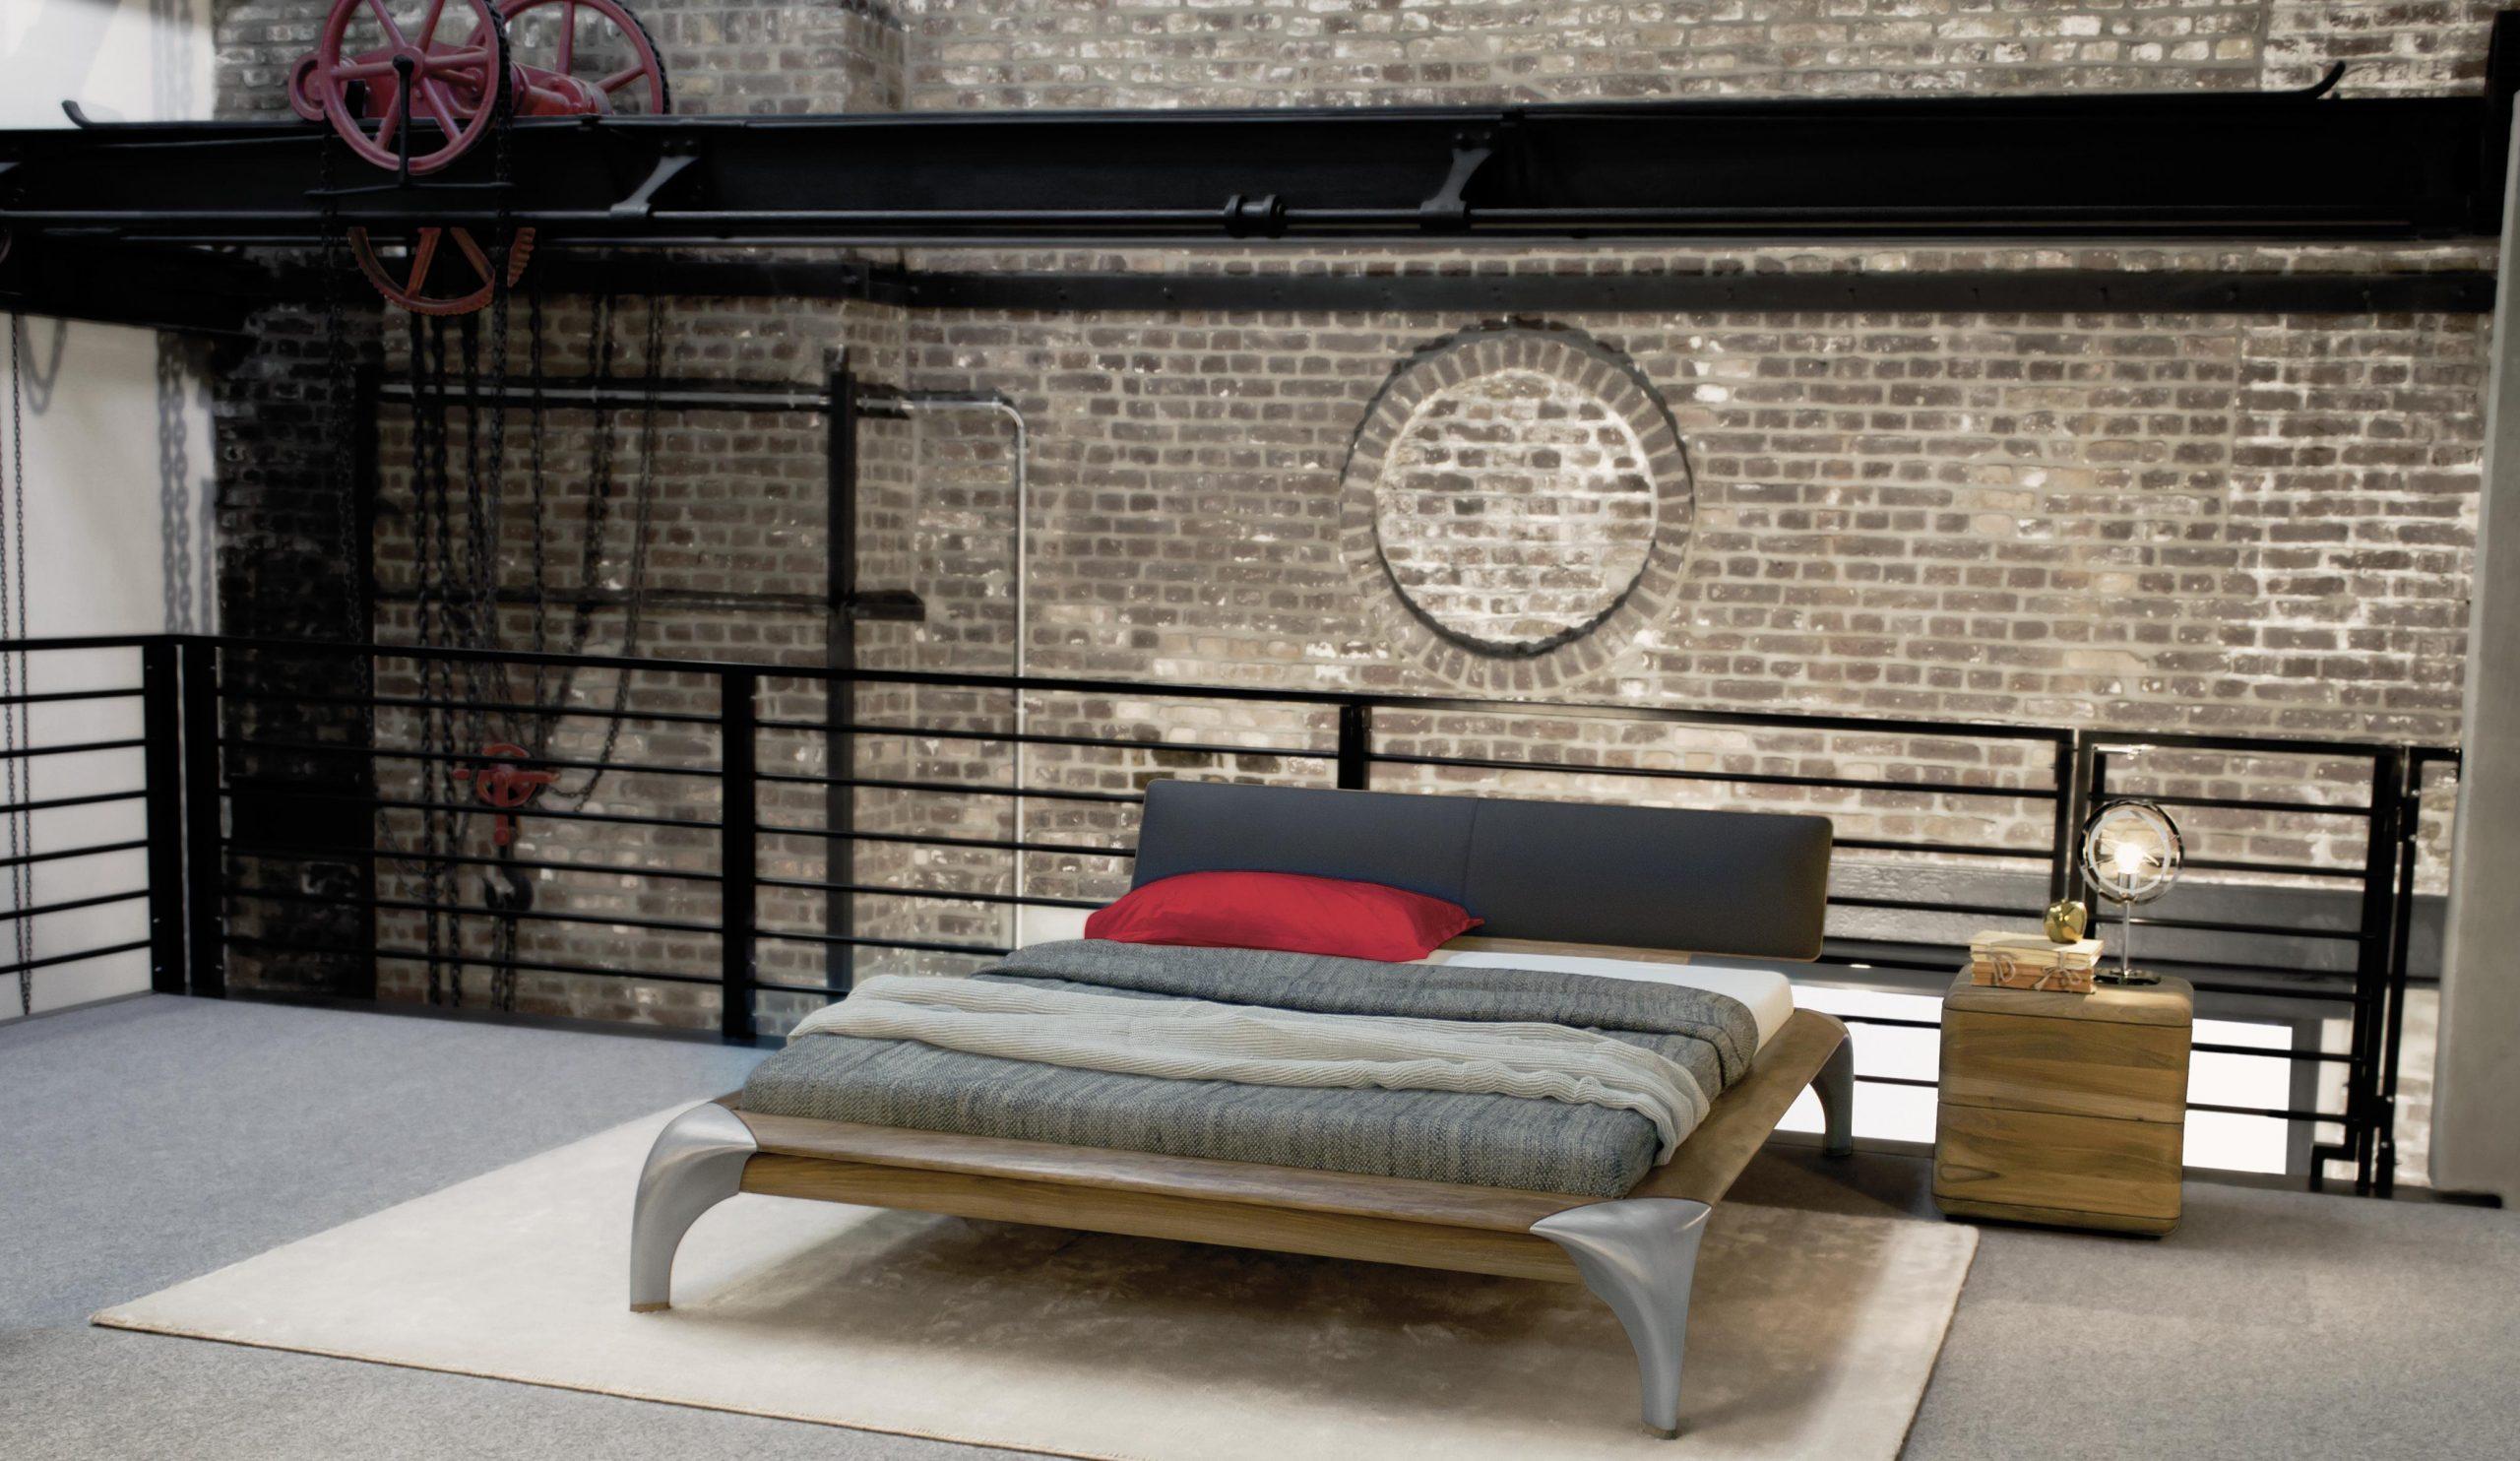 Full Size of Betten Frankfurt Frankfurter Allee Bornheim Weg Paderborn Innenstadt Oder Designer Luna Design Tische Und Aus Massivholz Billerbeck Luxus Balinesische Amazon Bett Betten Frankfurt